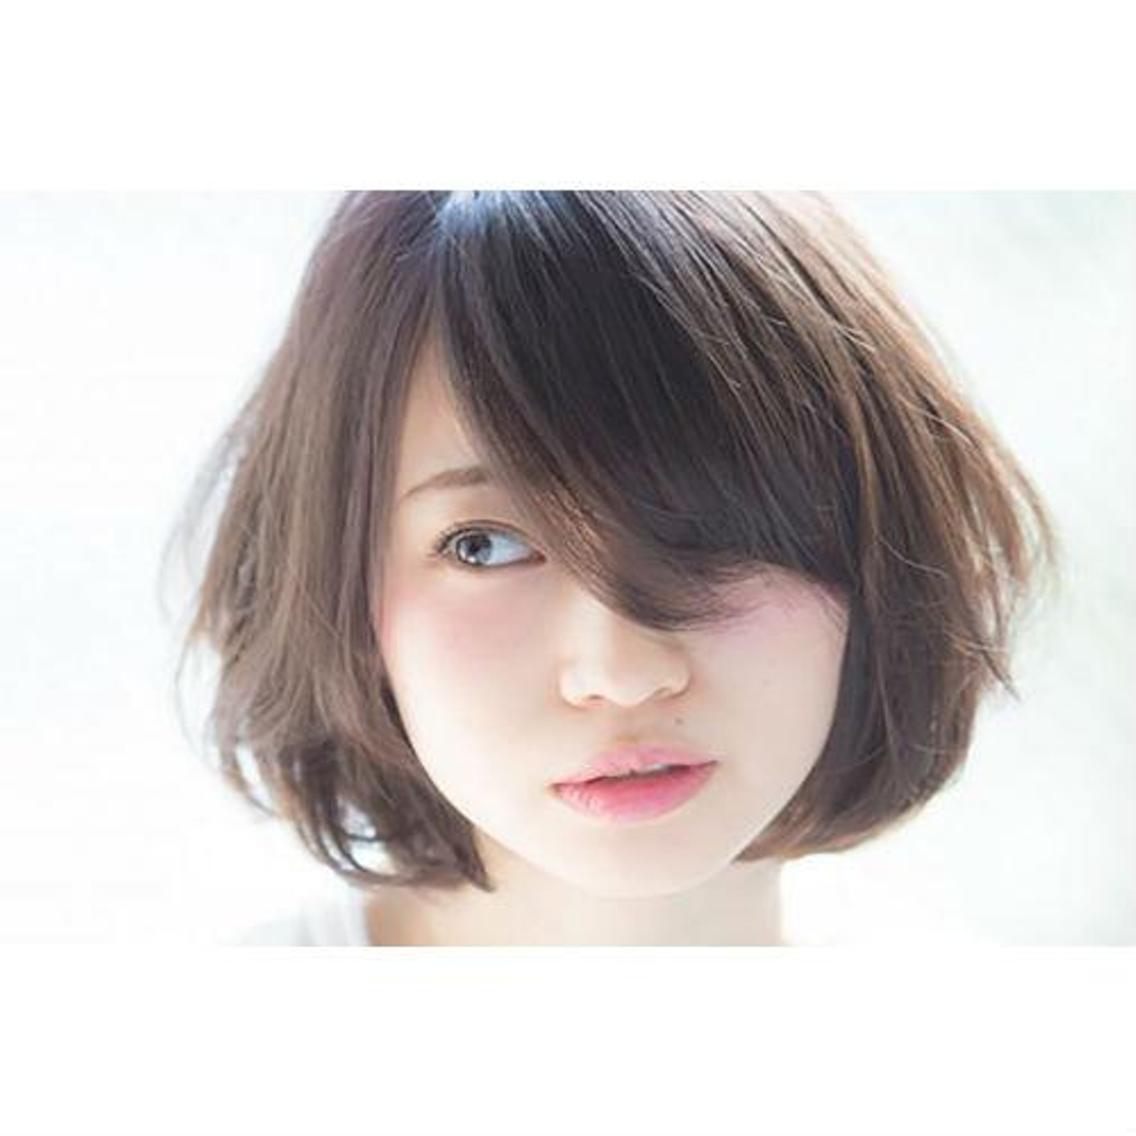 TIGRE for hair【ティグル フォー ヘアー】所属・TIGRE for hairの掲載